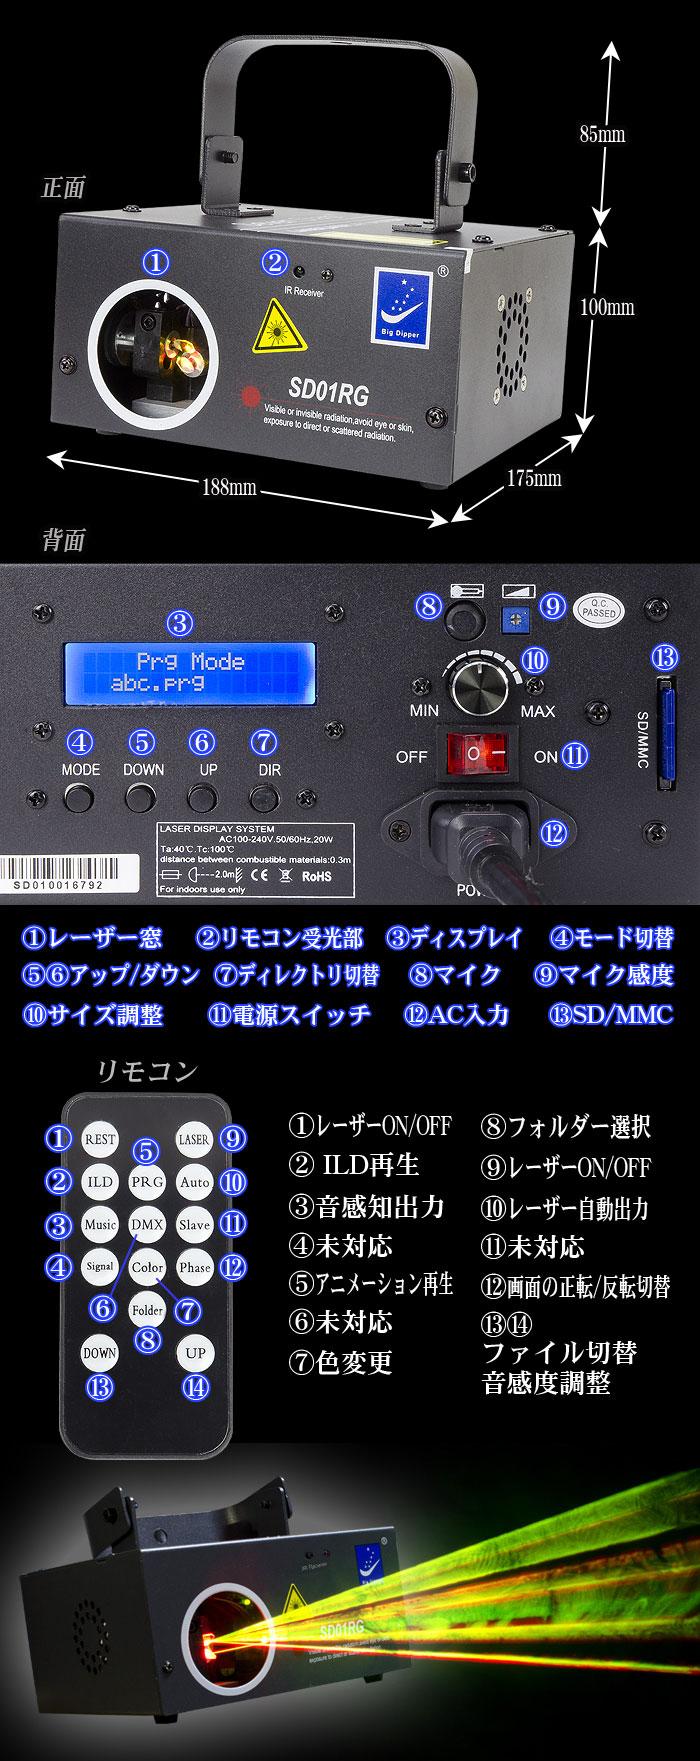 レーザーライト【SD01RG】各部詳細